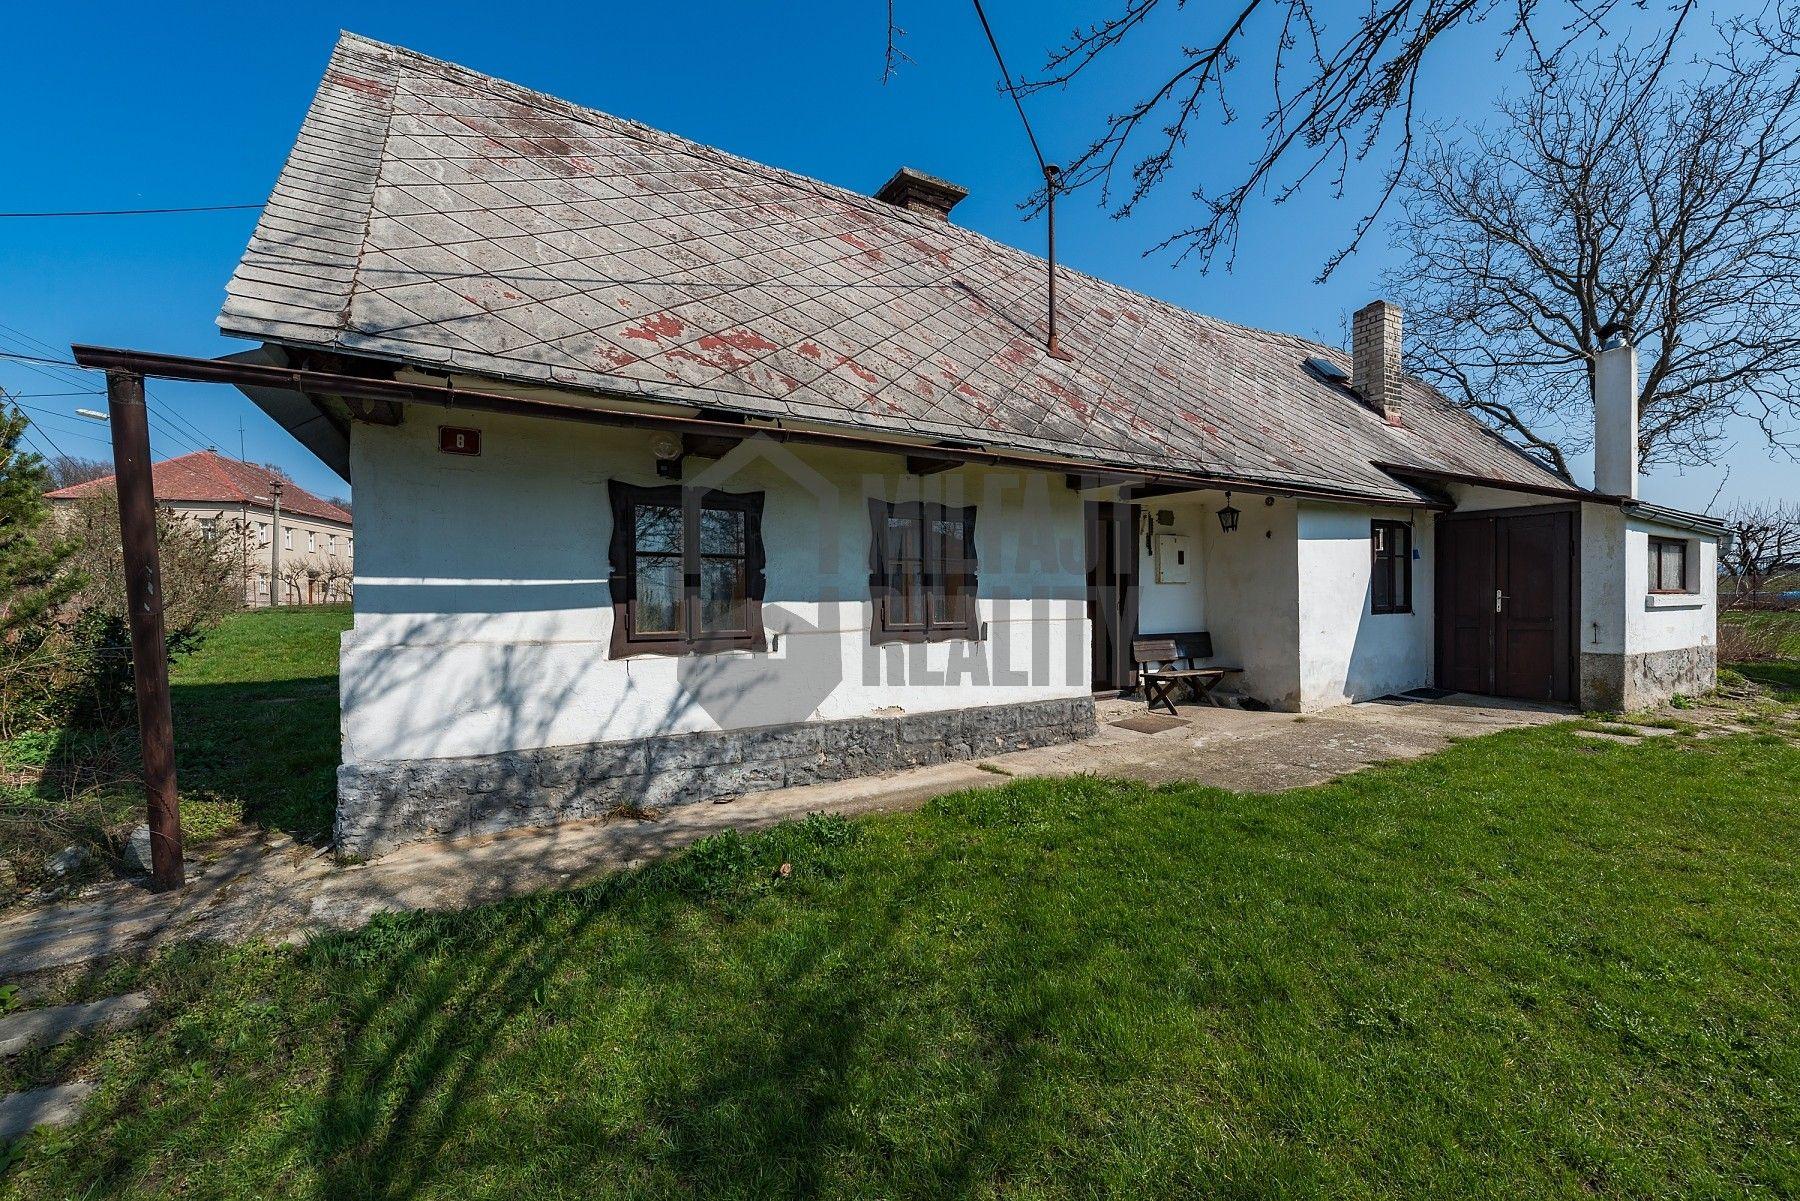 REZERVOVÁNO - Prodej chalupy + stavební pozemek, Husa, Sychrov